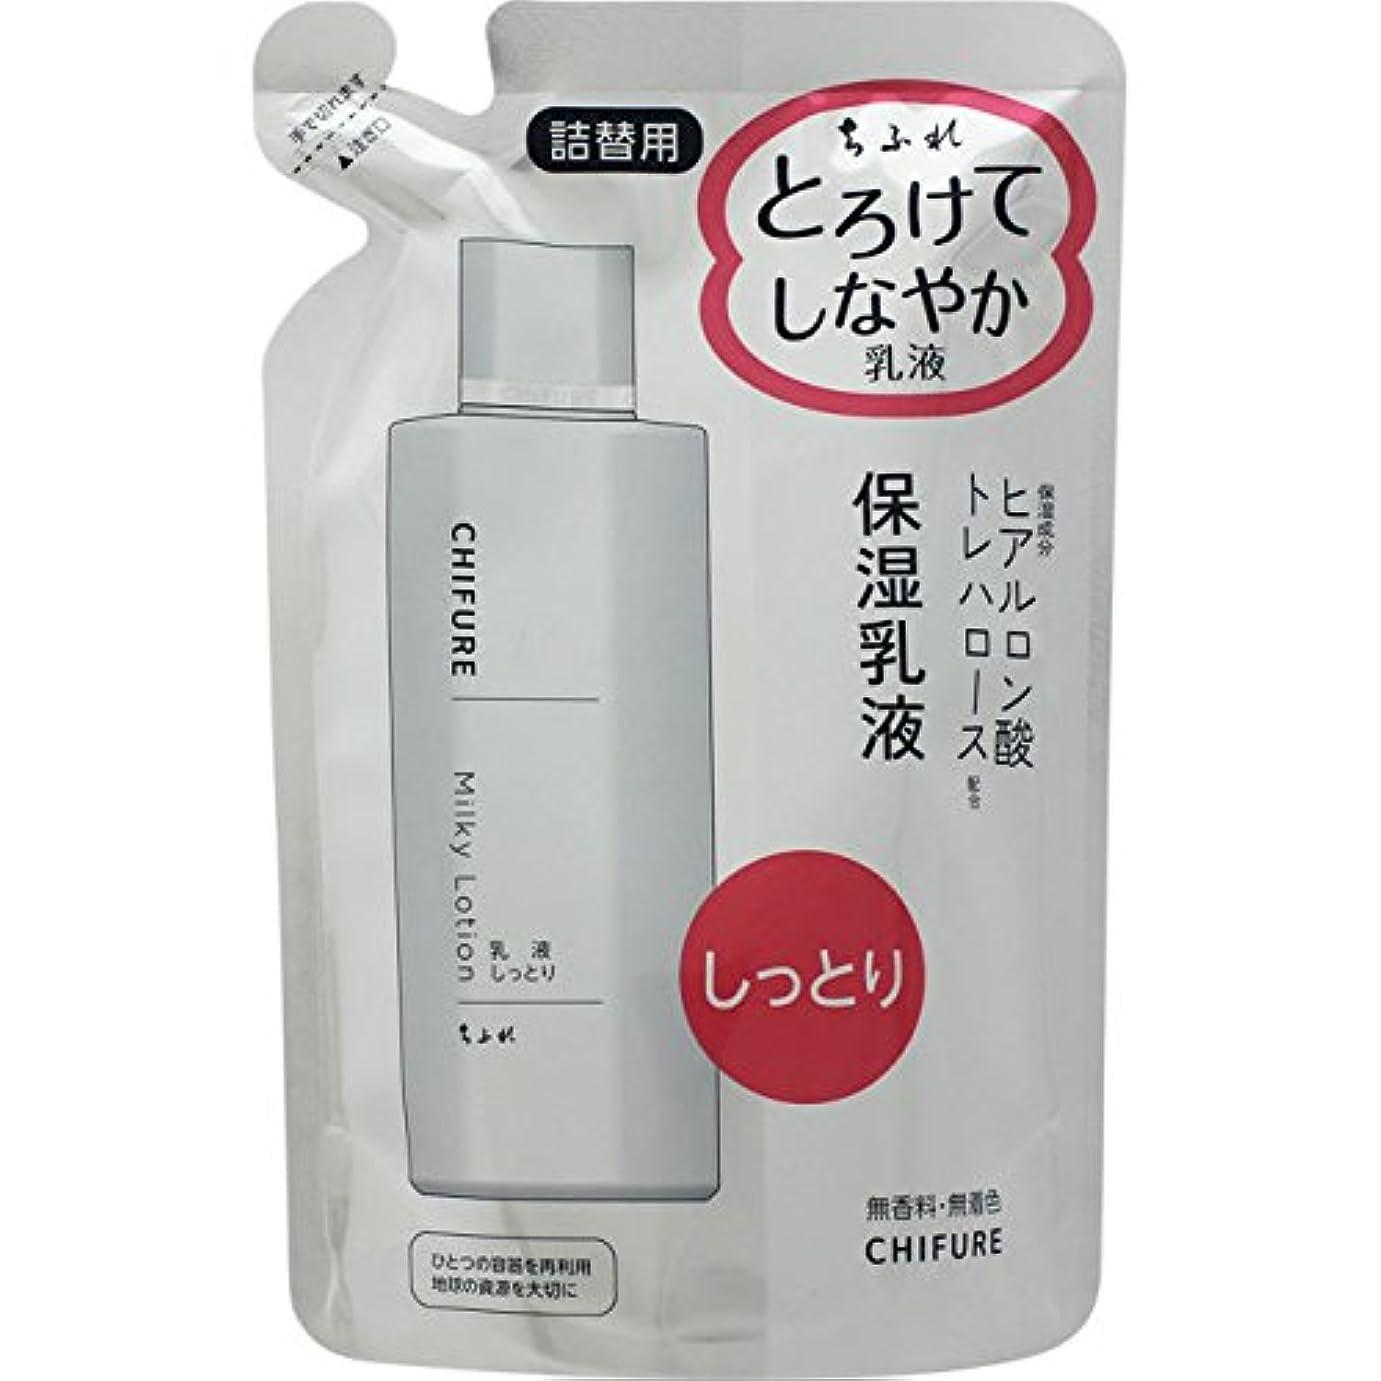 初期部分子猫ちふれ化粧品 乳液しっとりタイプN詰替用 150ml 150ML